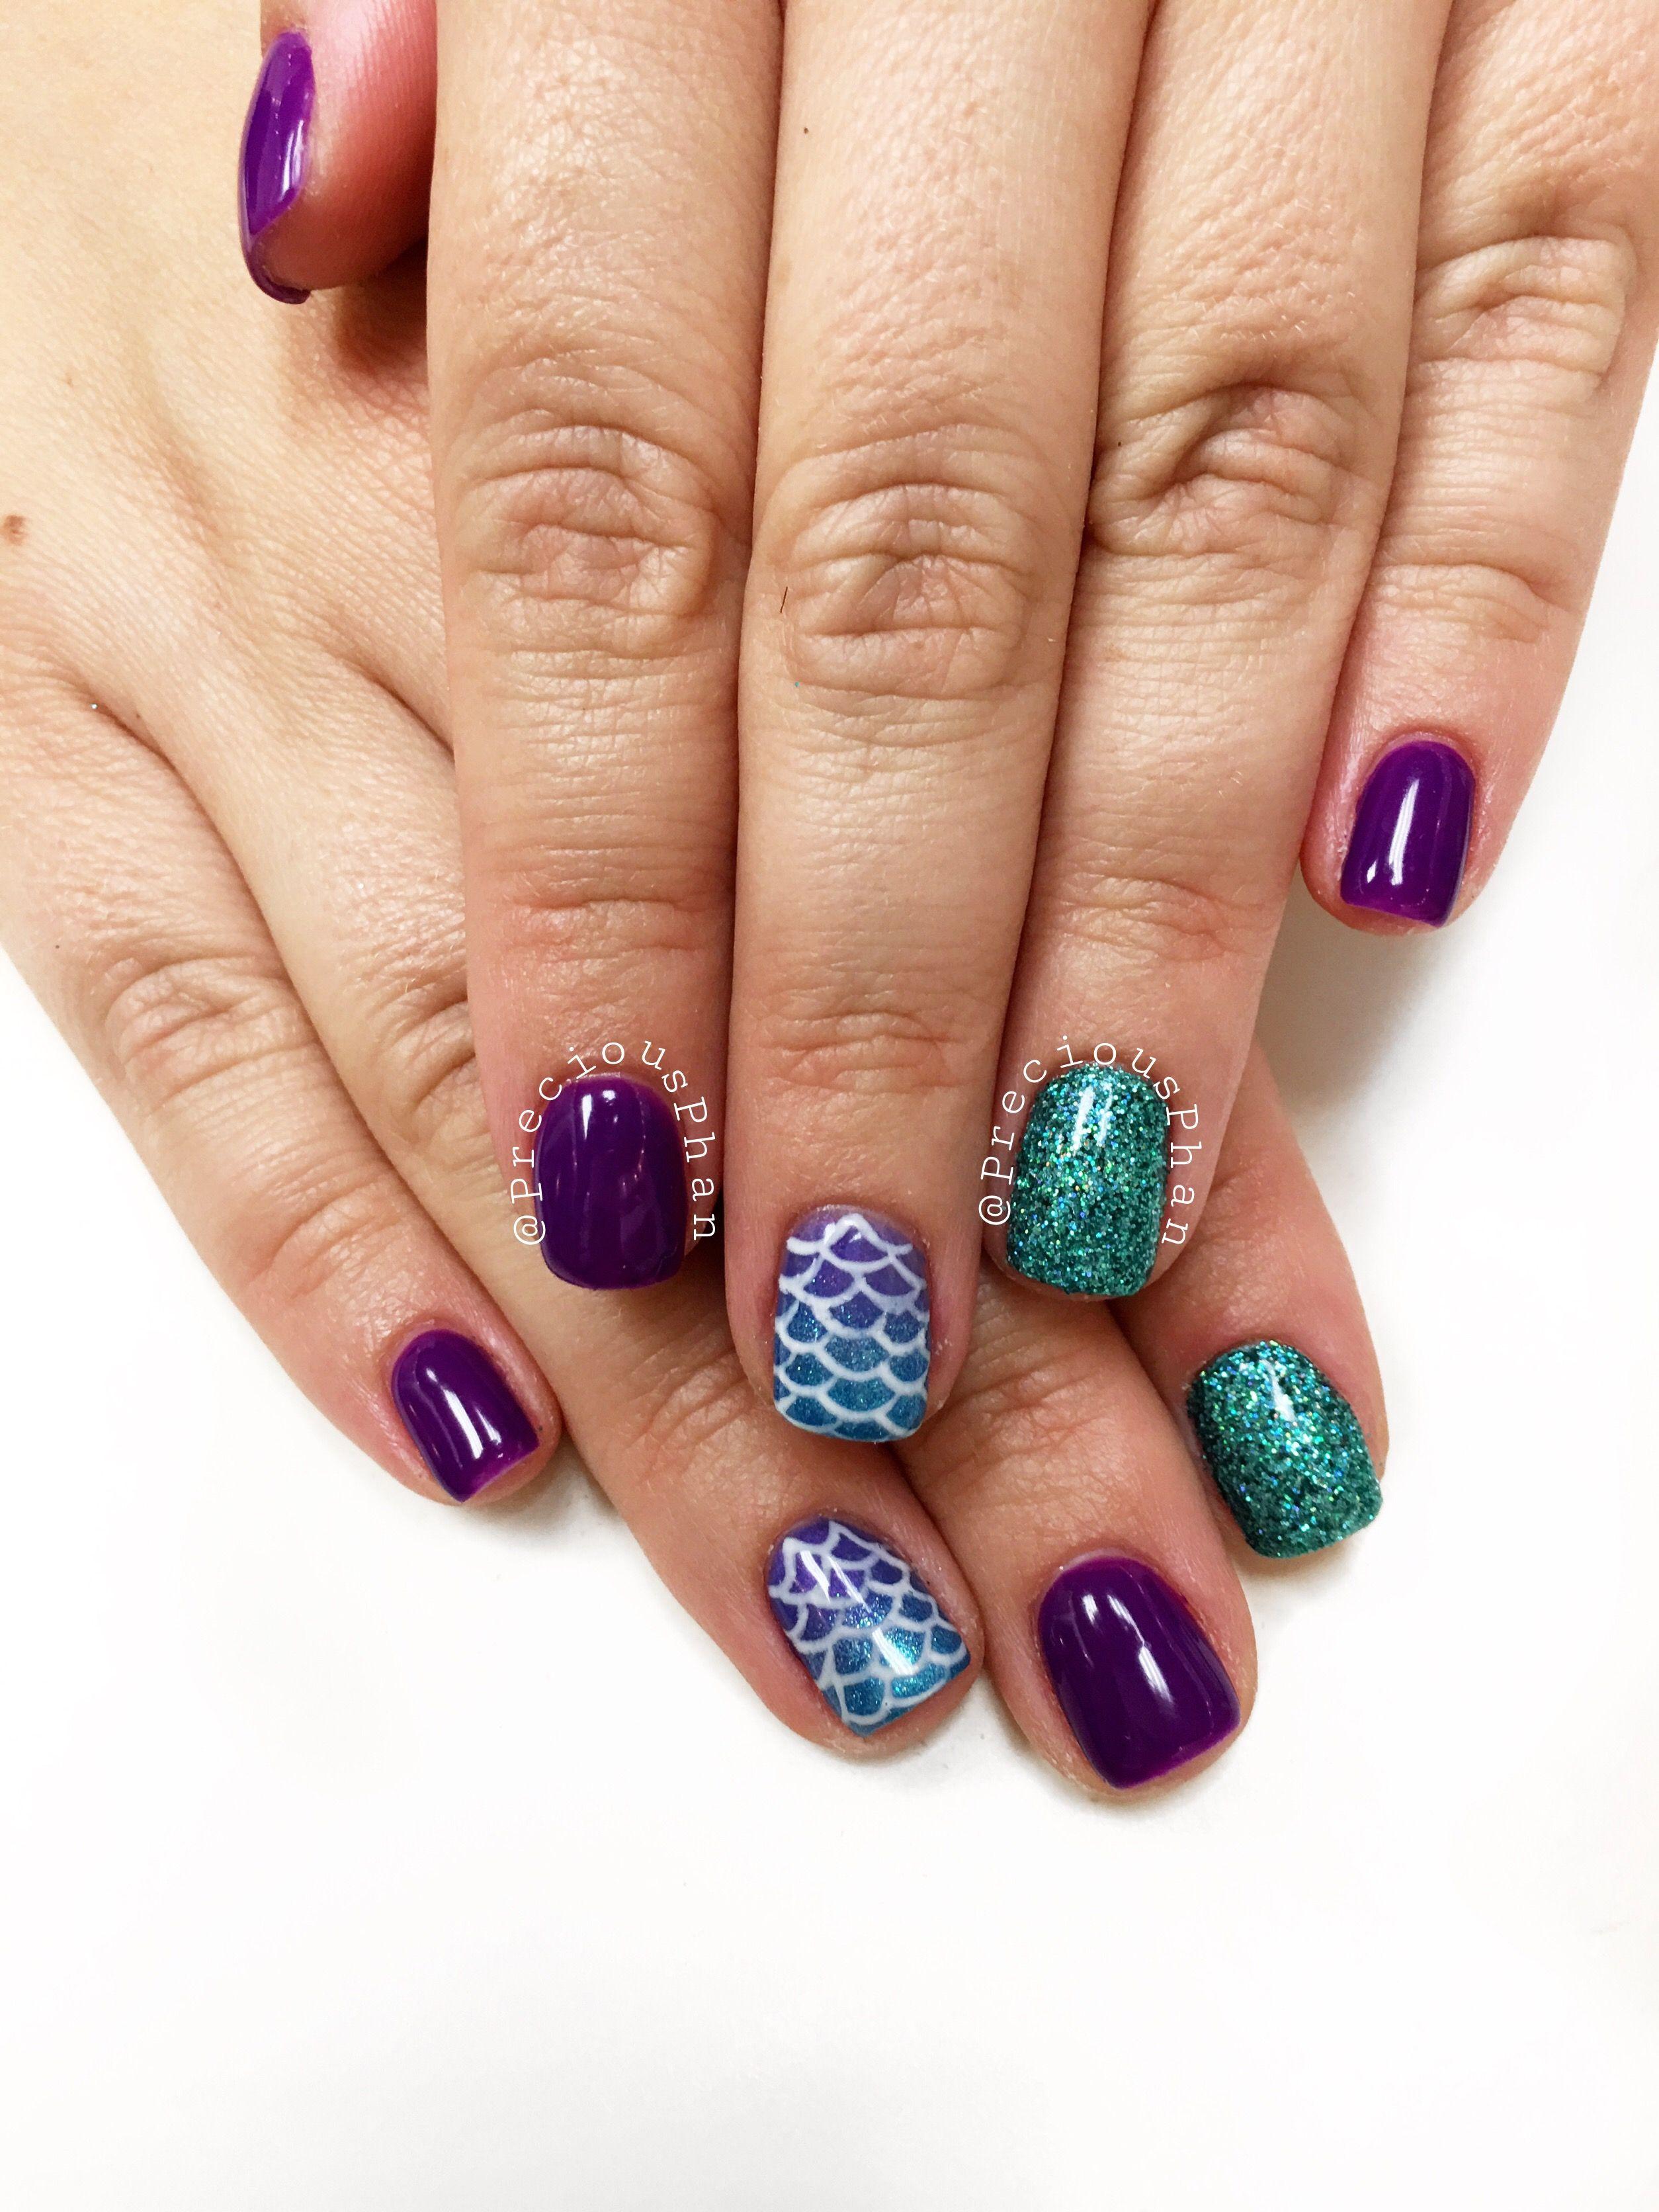 Mermaid nails. Glitter nails #PreciousPhan | Nails | Pinterest ...